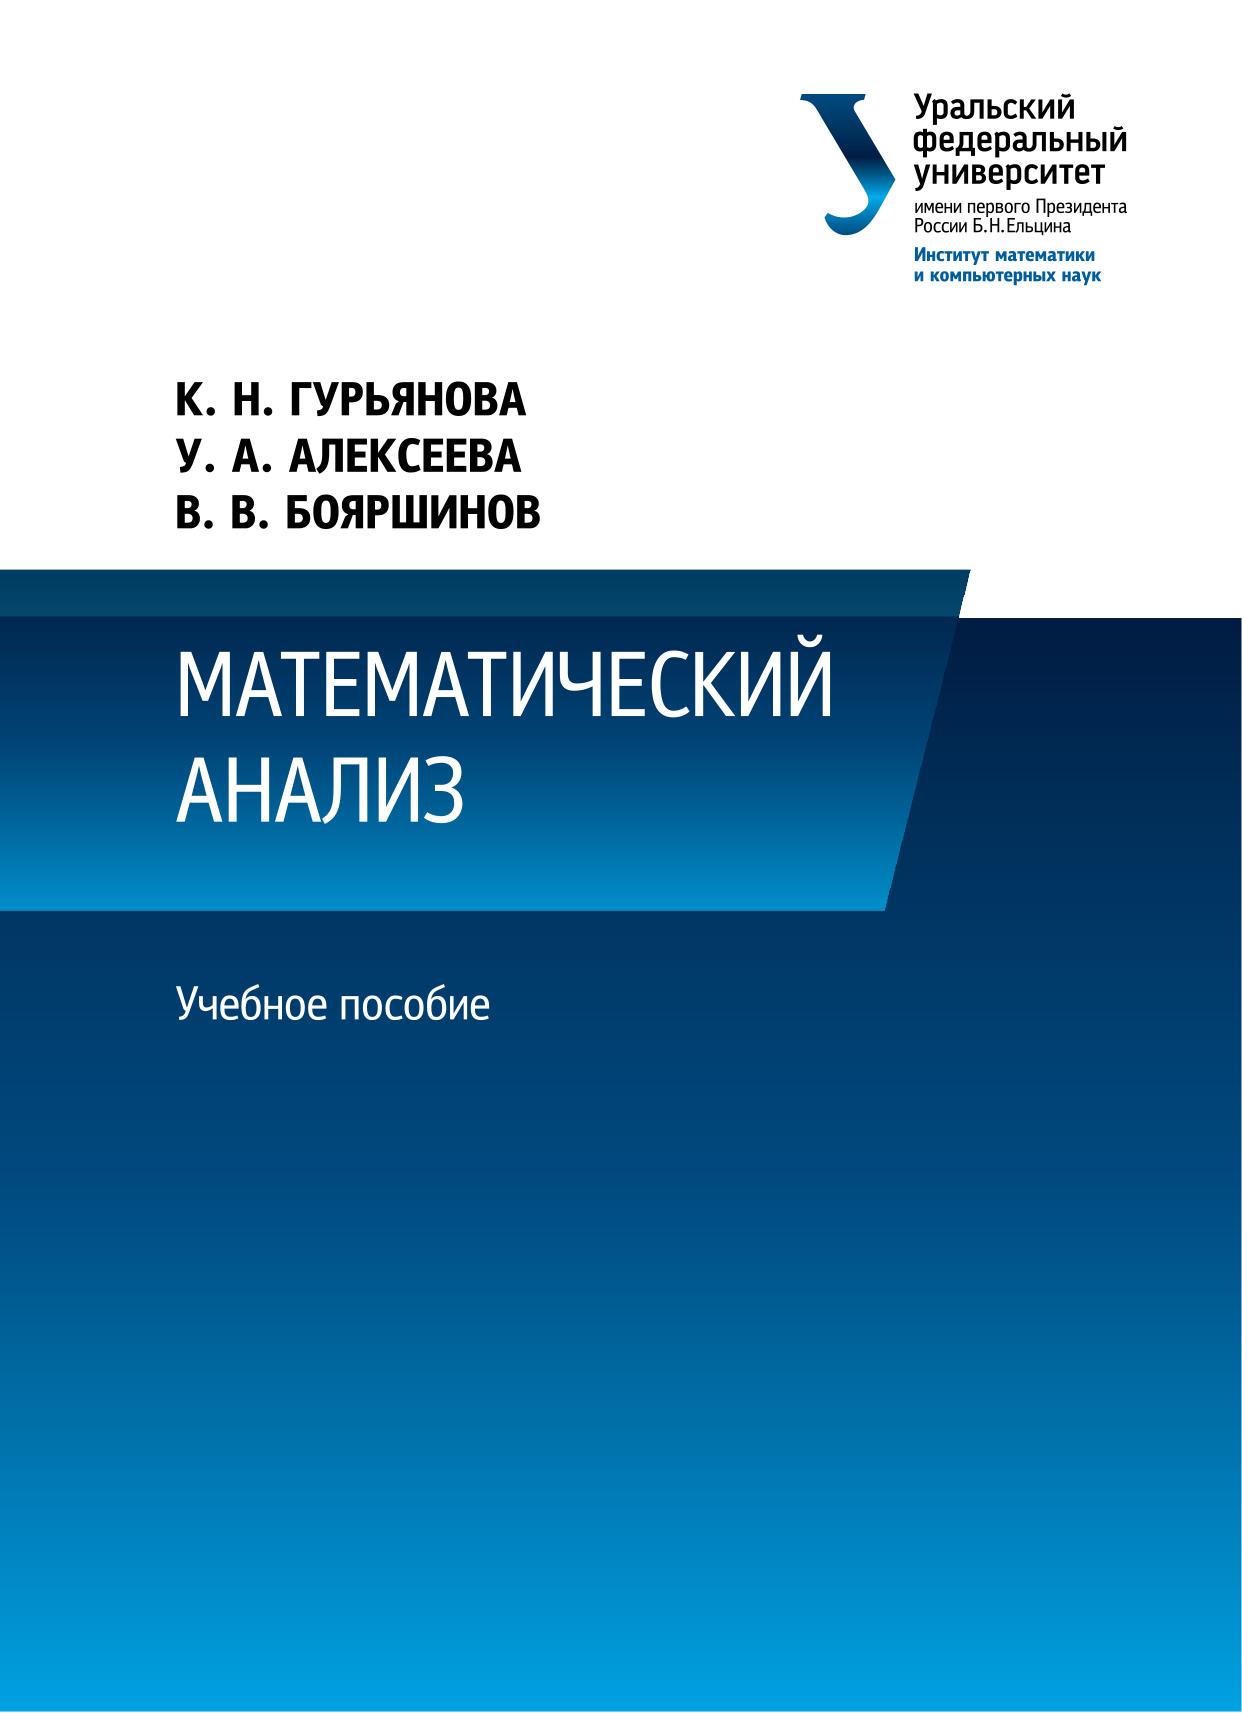 У. А. Алексеева Математический анализ а а рылов математический анализ практико ориентированный курс с элементами кейсов